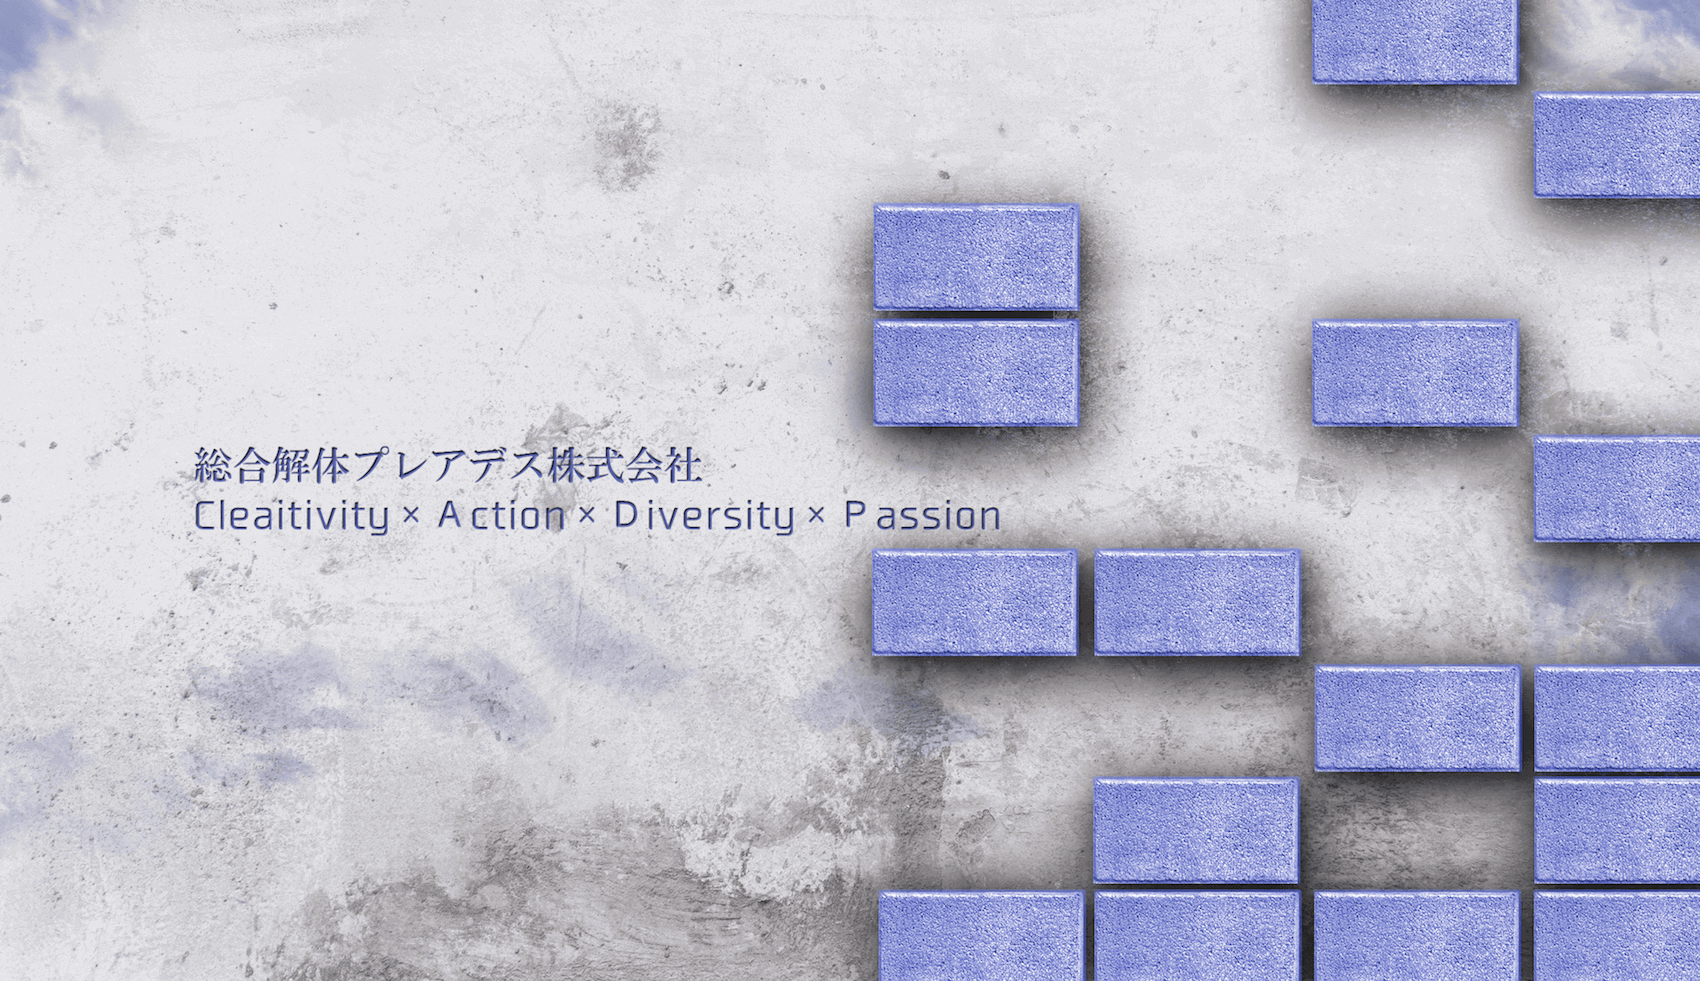 プレアデス株式会社 TOP背景画像 コンクリートに青いコンクリートブロック 総合解体プレアデス株式会社の名前とキャッチフレーズ